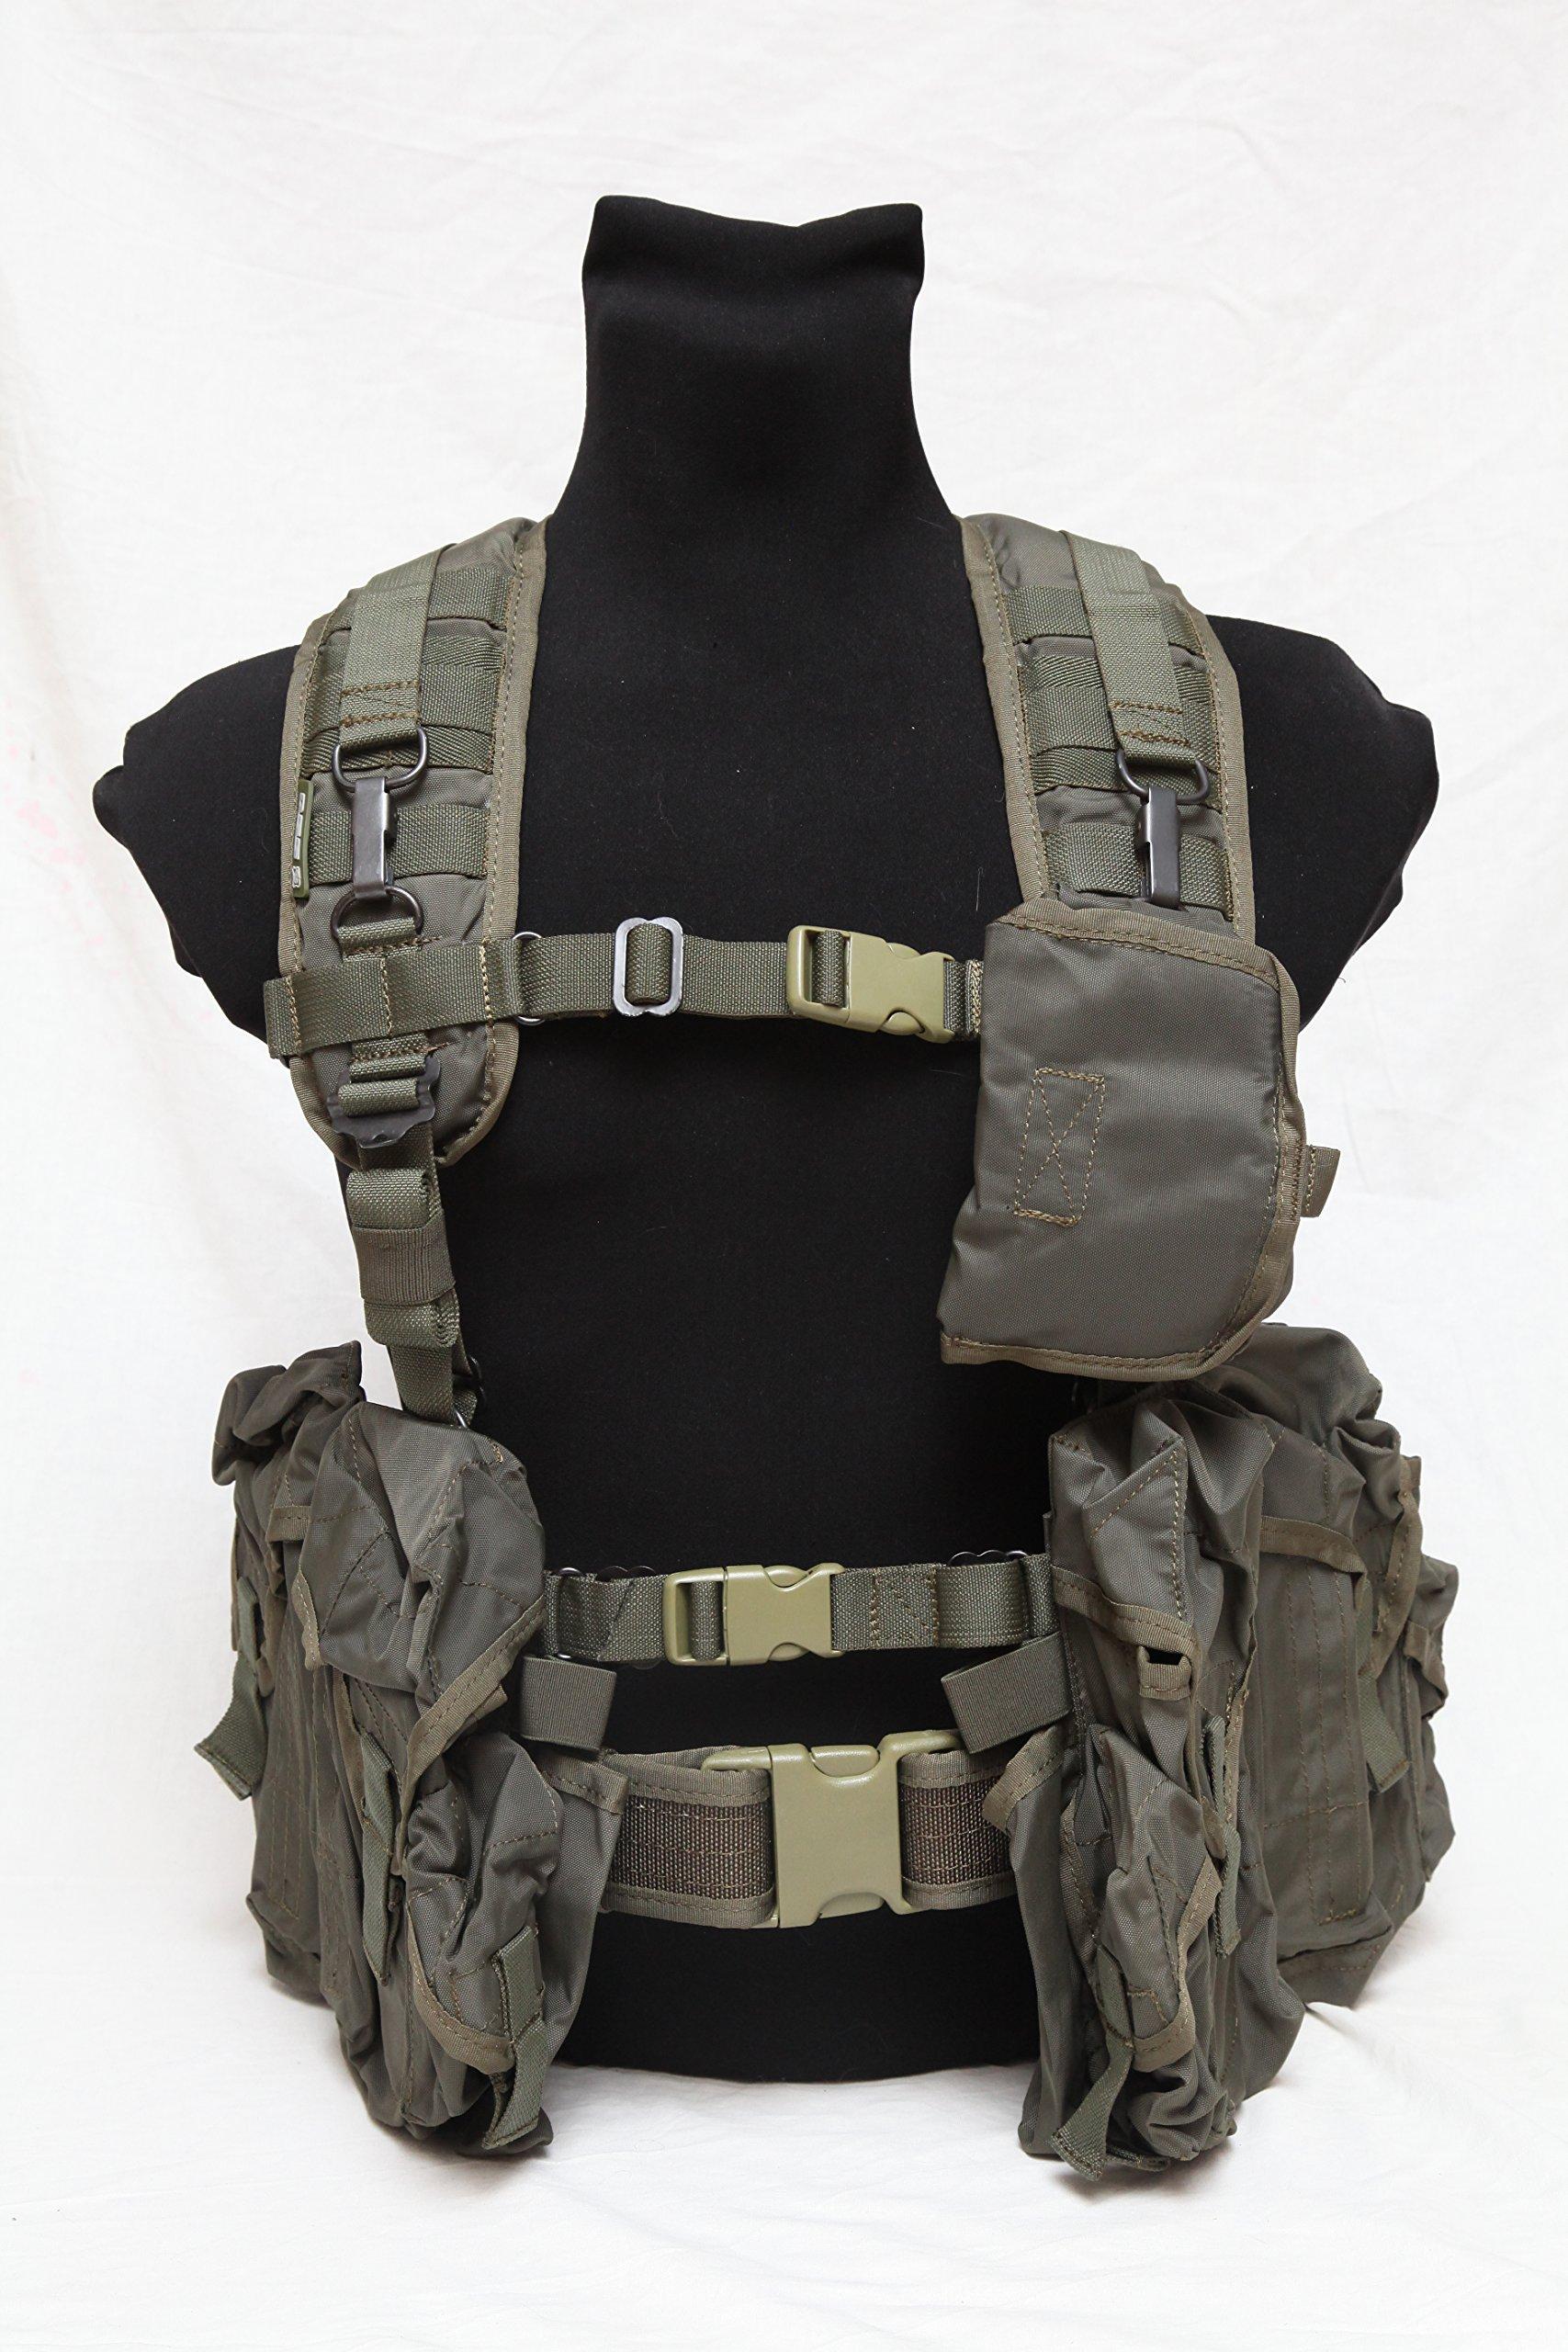 Russian army spetsnaz SPOSN SSO Smersh AK assault vest gear set by SSO/SPOSN